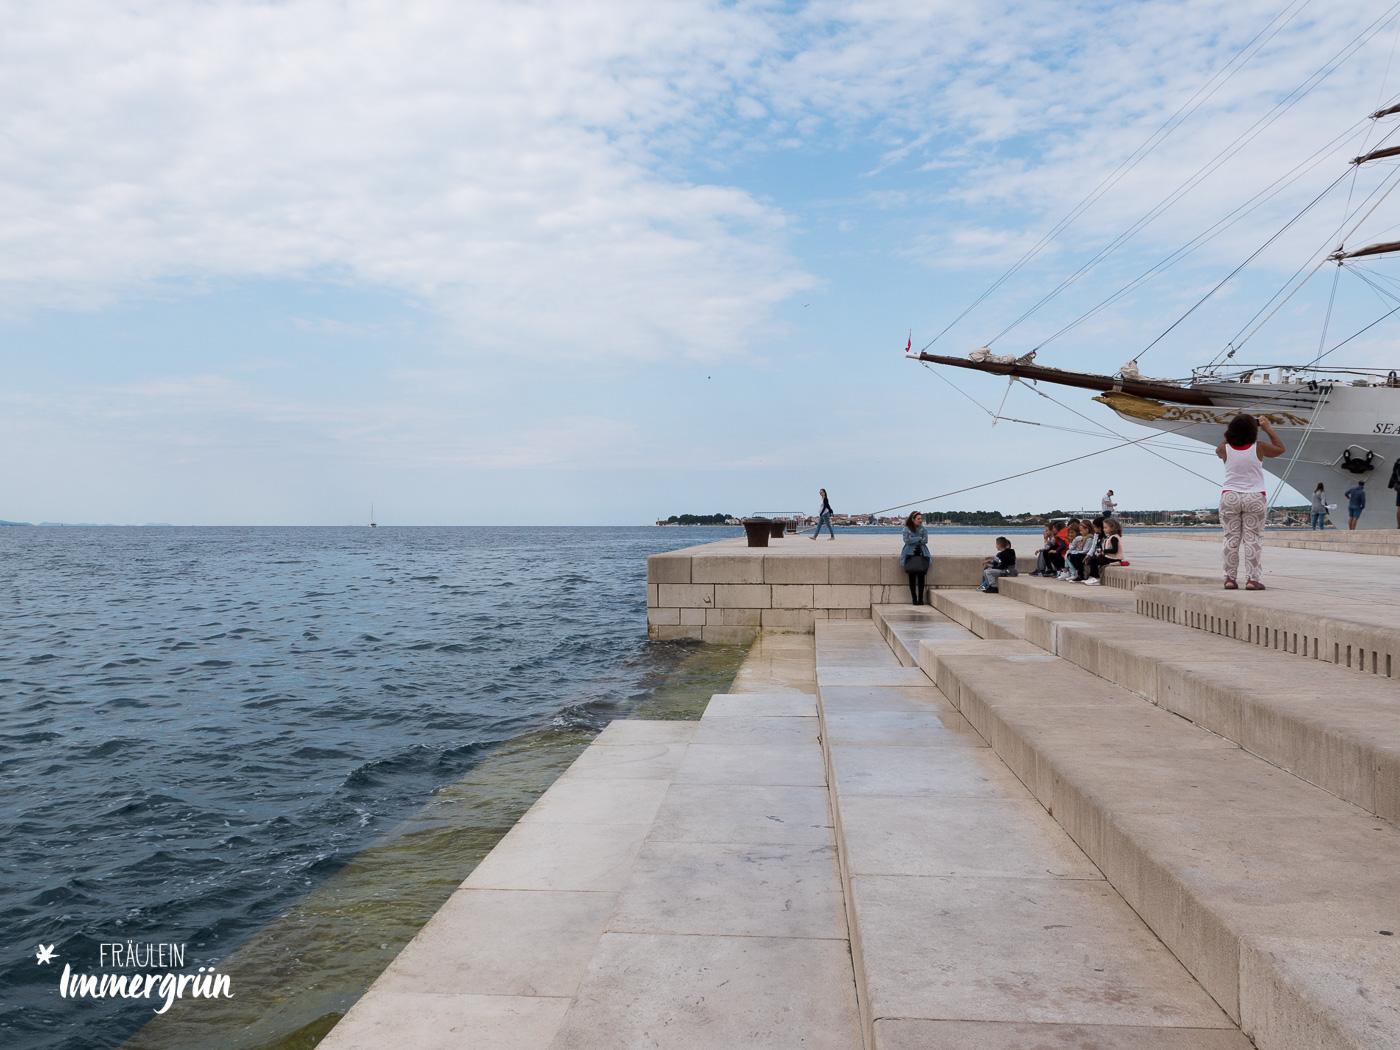 Dalmatien in Kroatien: Urlaub an der dalmatinischen Küste in der Nebensaison – Meeresorgel in Zadar